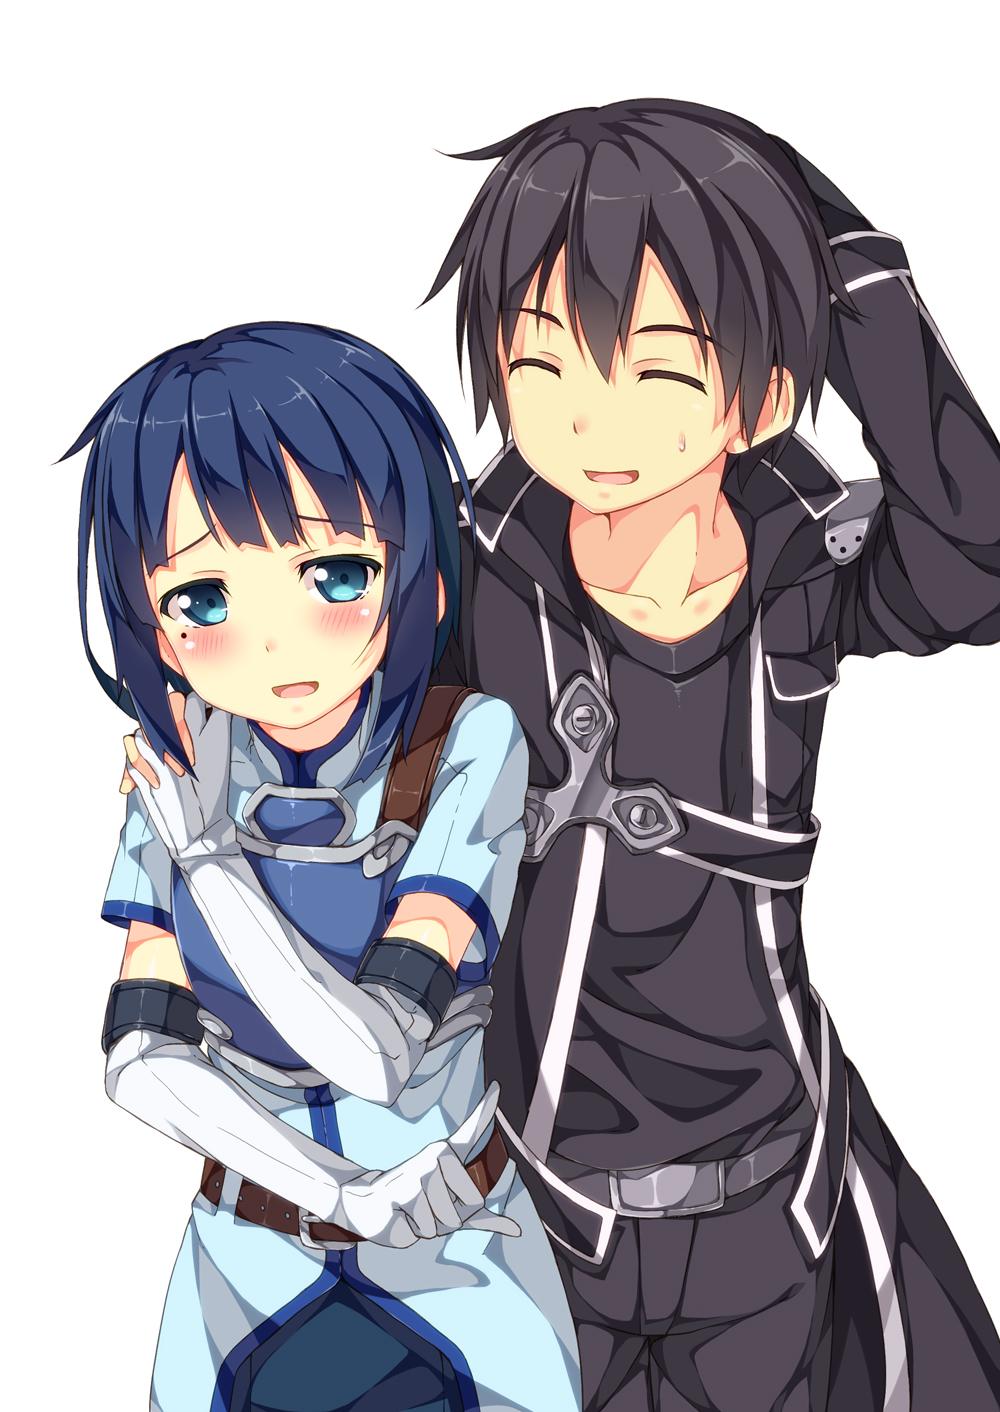 Zero Anime Sword Art Online Sword Art Online